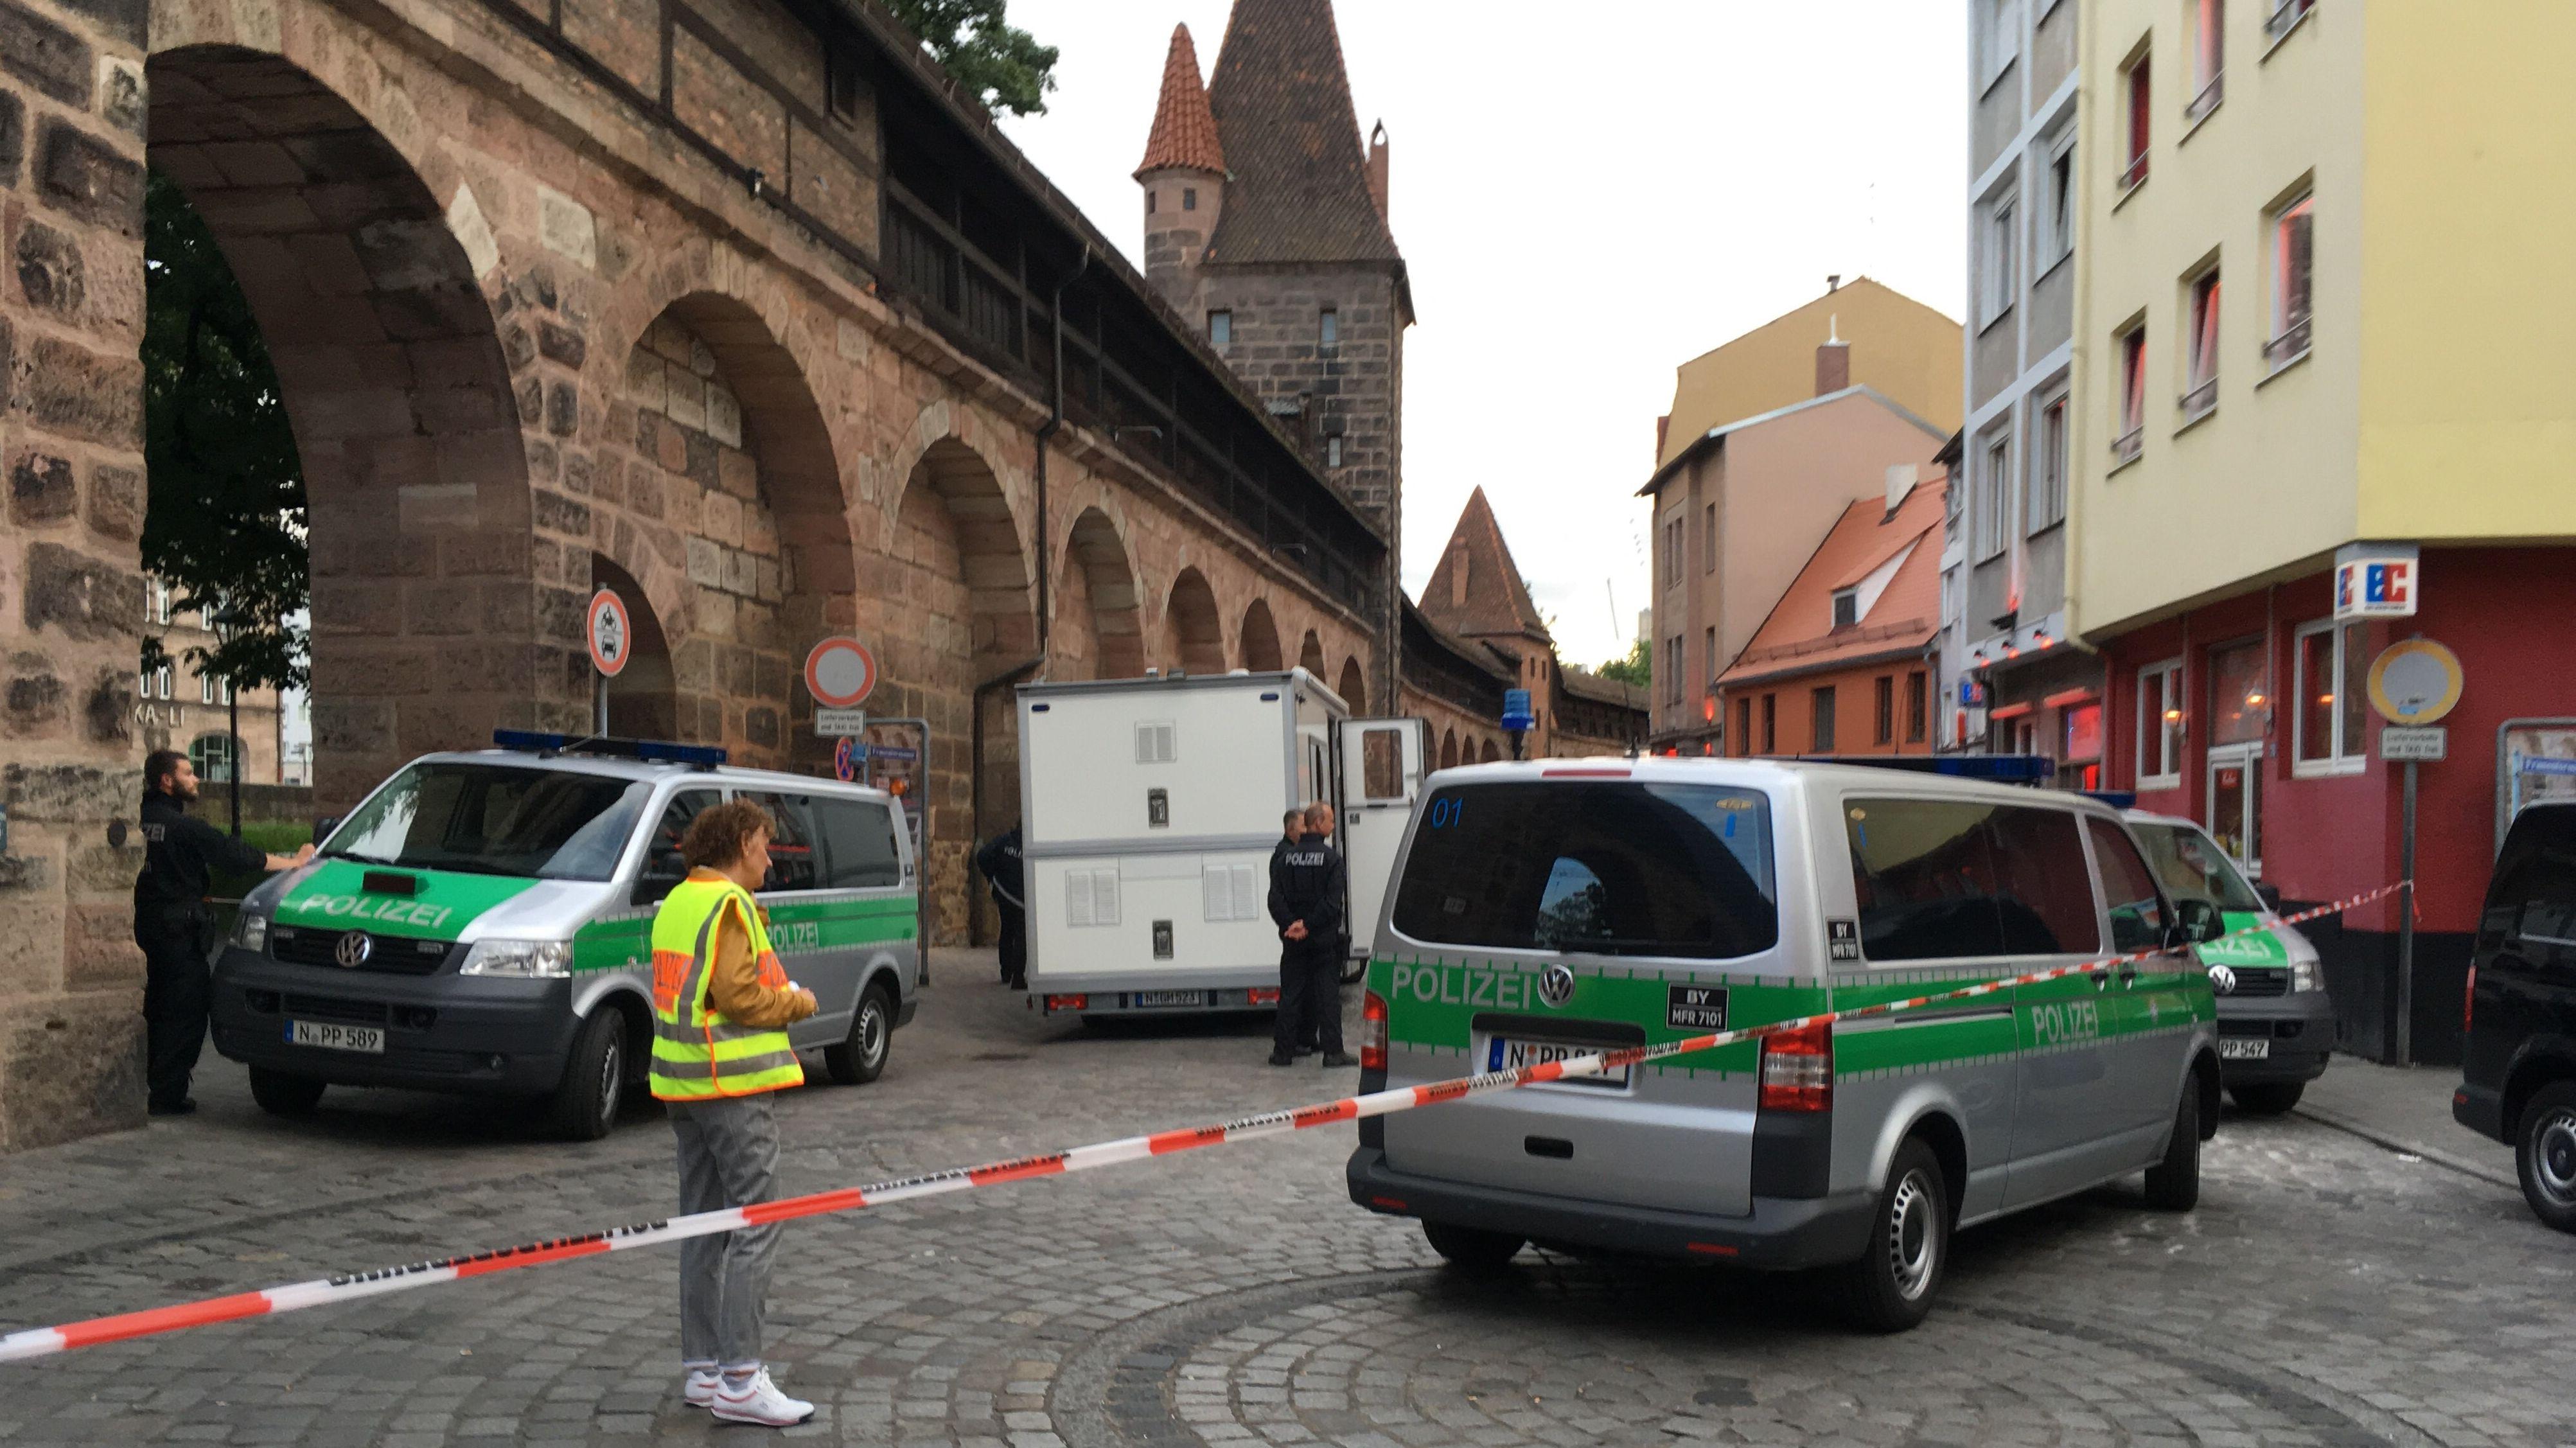 Großeinsatz von Polizei und Zoll im Nürnberger Rotlichtmilieu statt. Die Einsatzkräfte durchsuchten mehrere Bordelle.